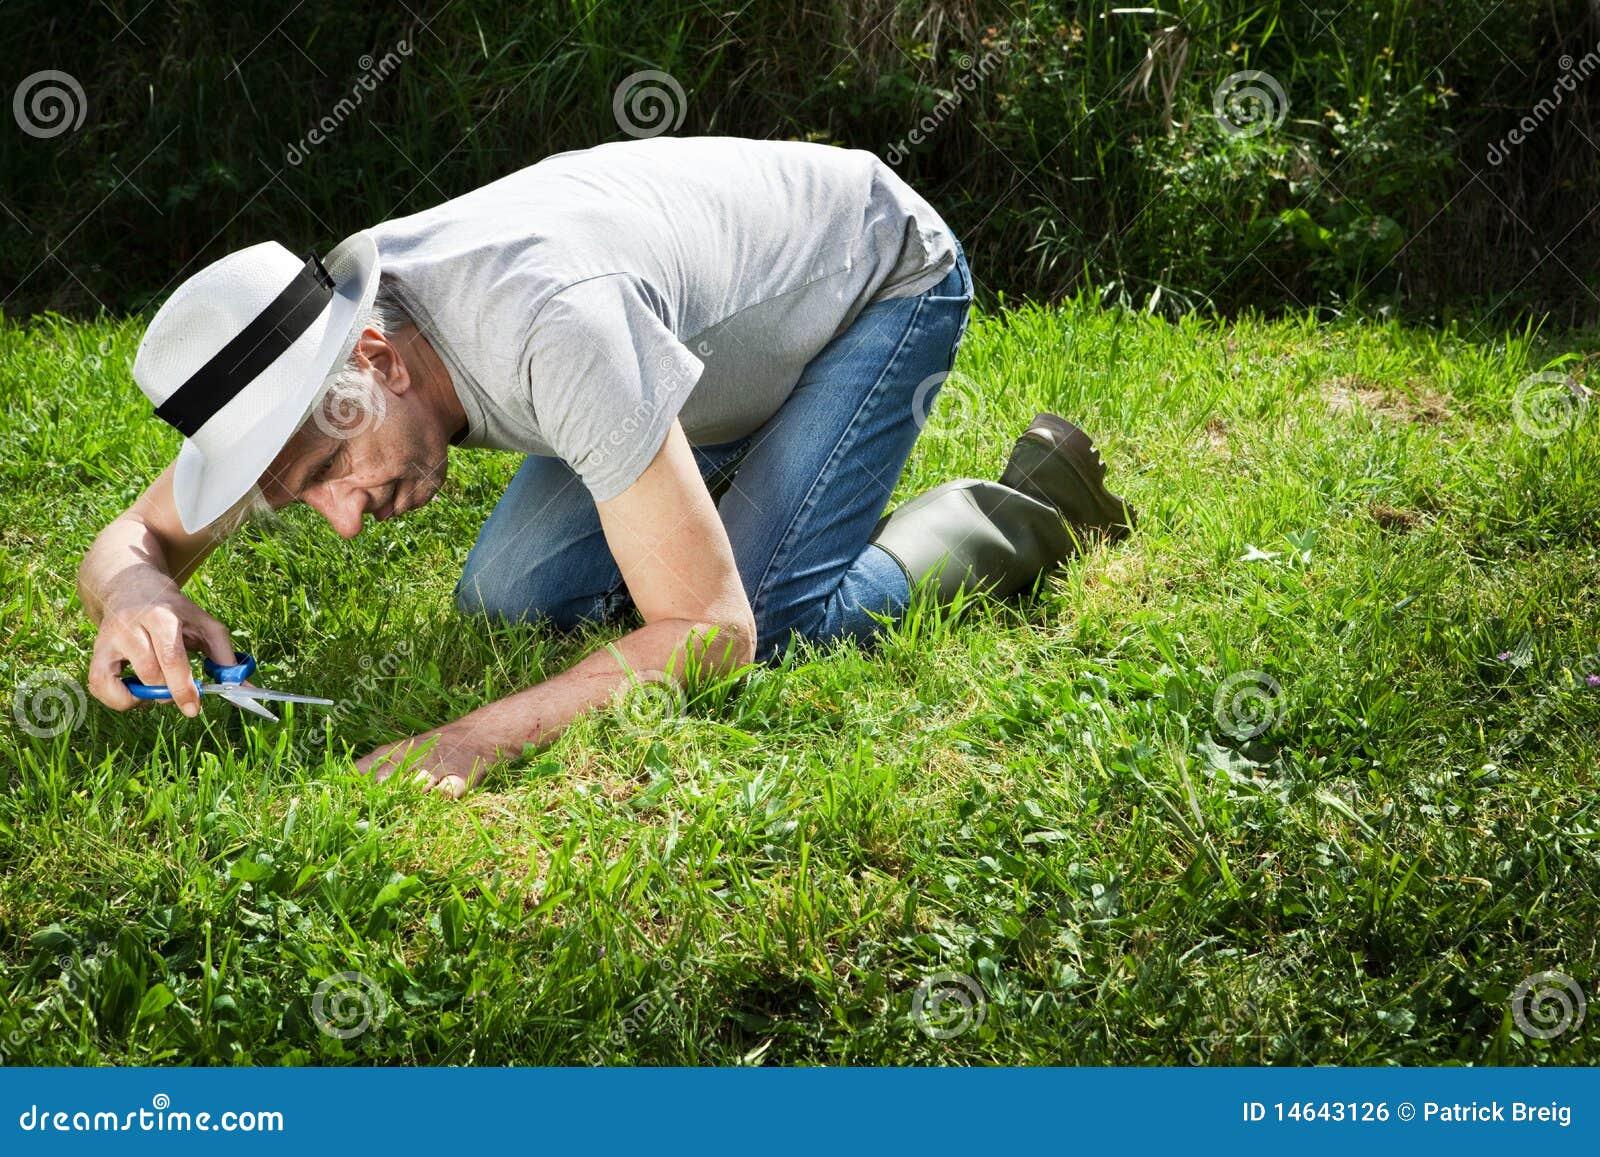 Weird gardener.